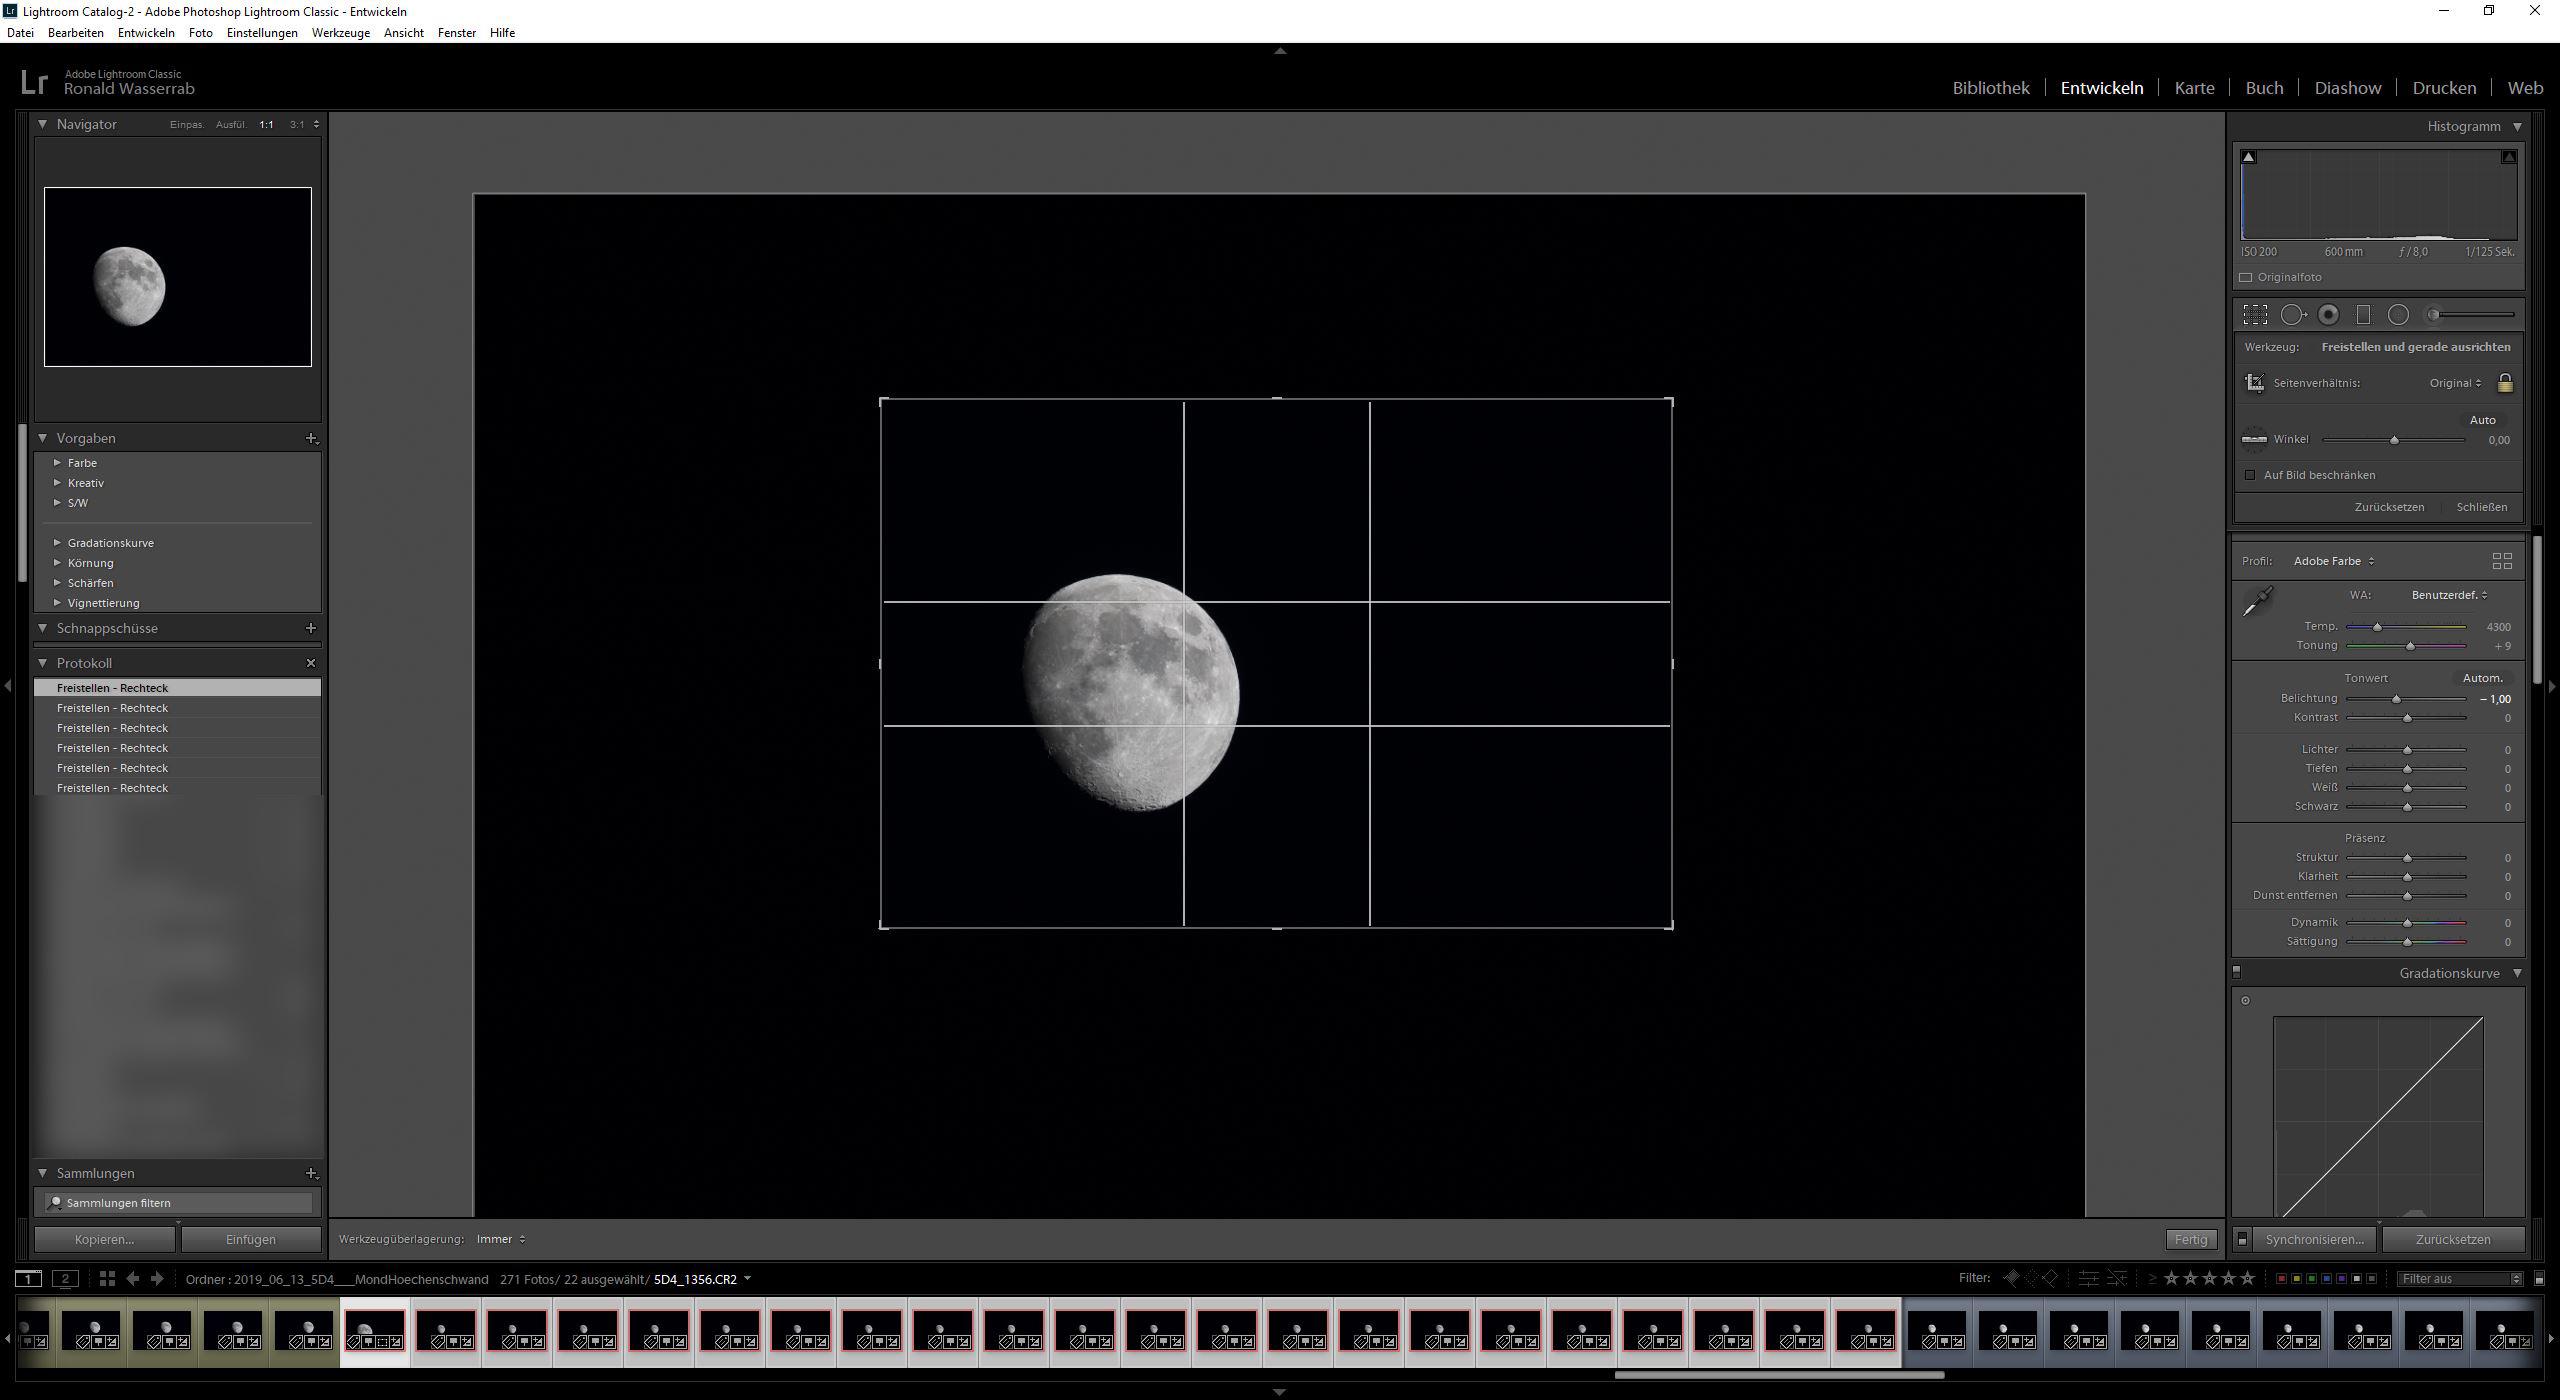 Beim Beschnitt der Mondfotografie darf nur das Fenster verändert, aber der Mond nkeinesfalls verschoben werden